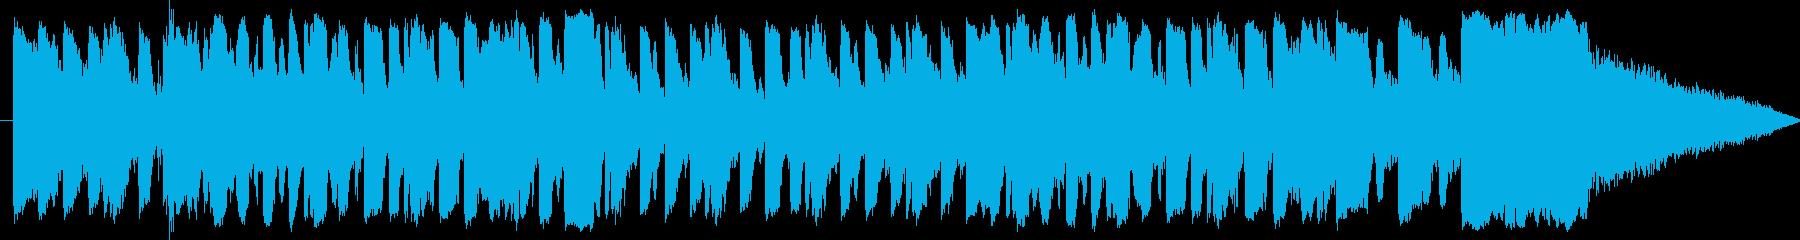 本物の響きのある中世の楽器は、チュ...の再生済みの波形